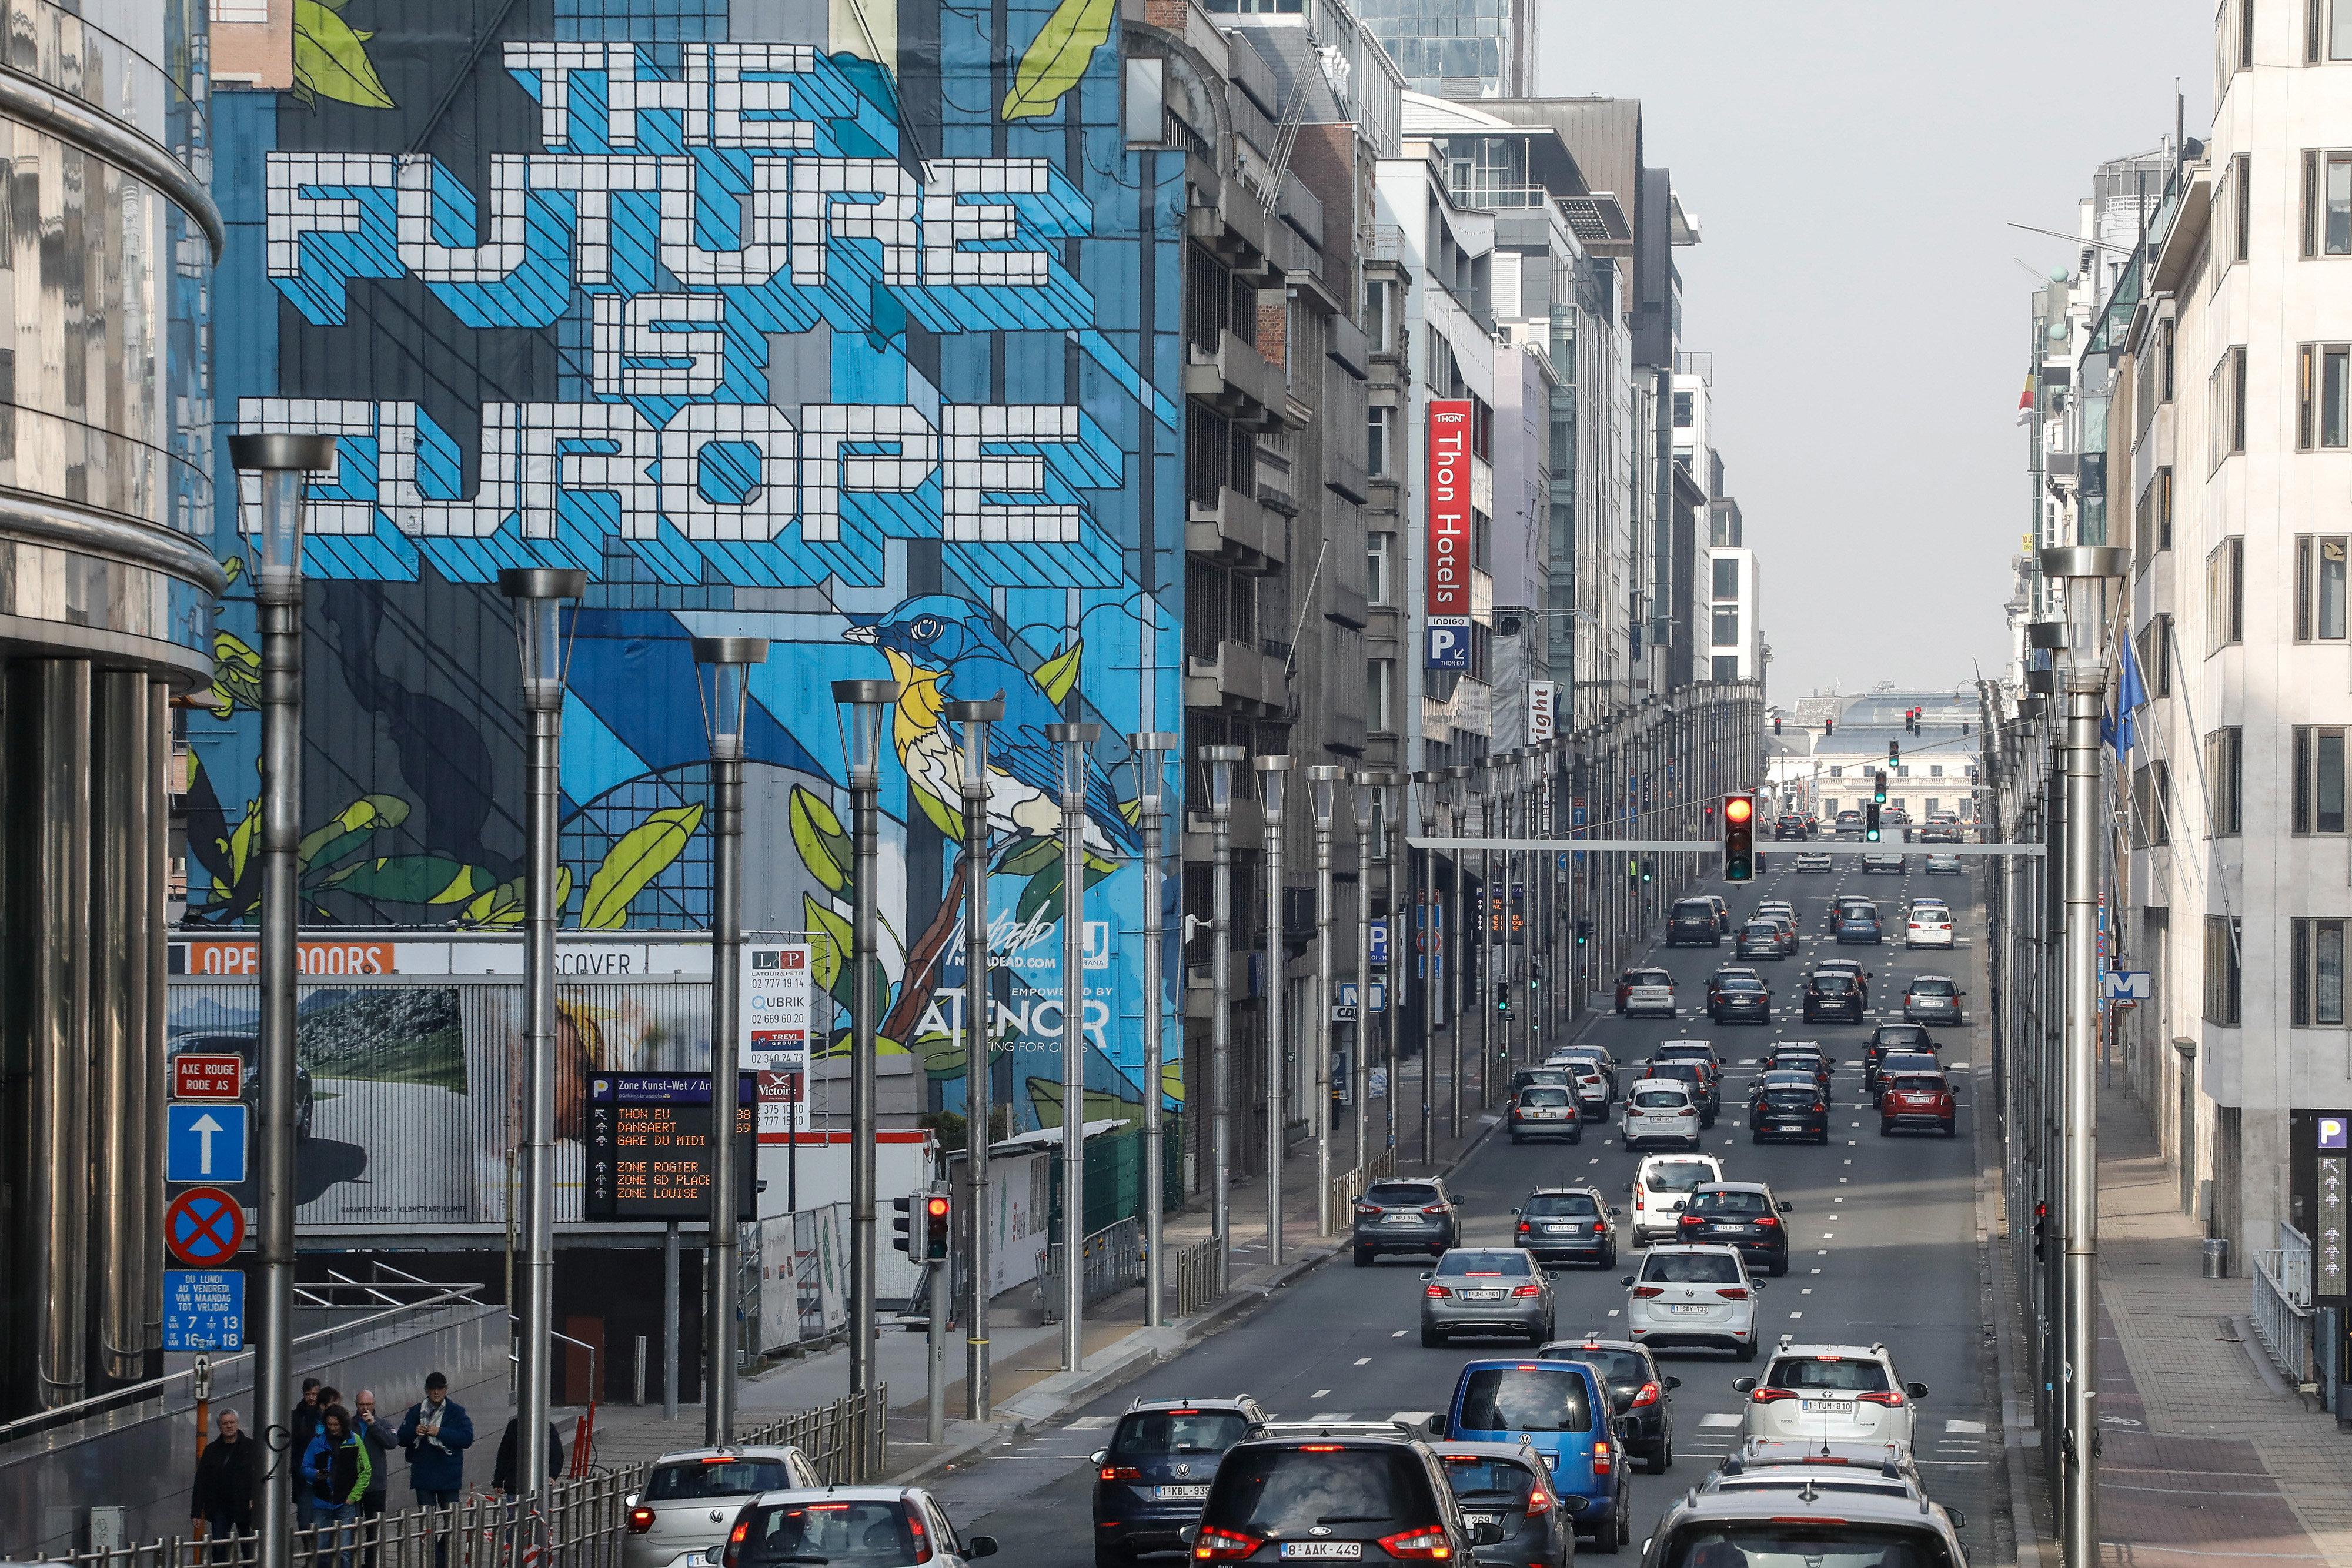 Εκκενώνεται κτίριο της Κομισιόν στις Βρυξέλλες με την οδηγία «Απομακρυνθείτε